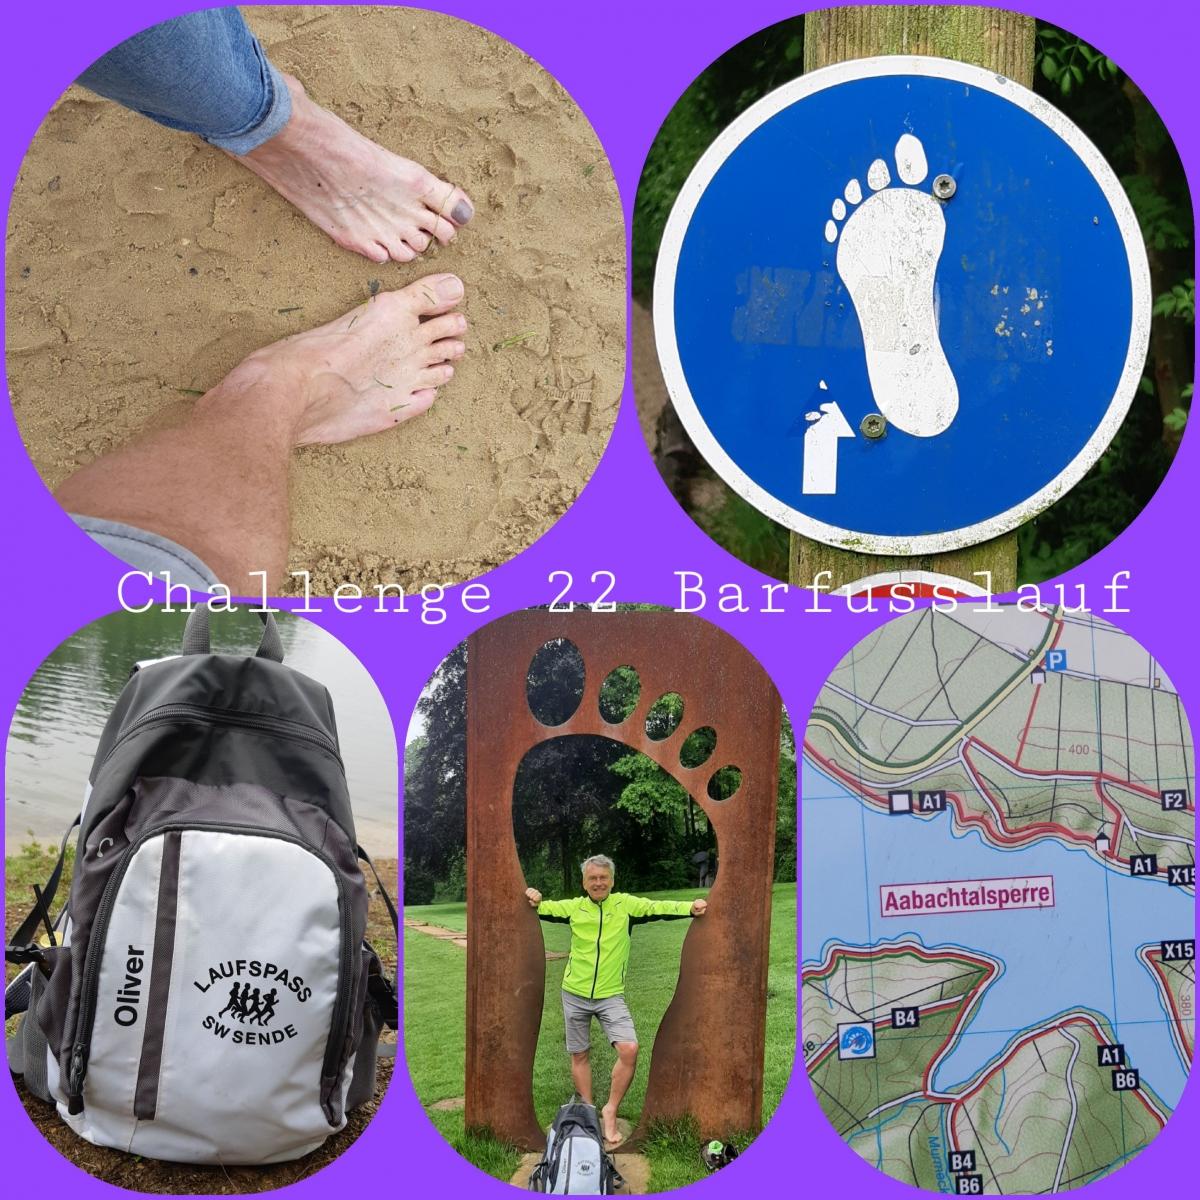 Luening-Oliver-22-Challenge-Barfusslauf-bdtxD